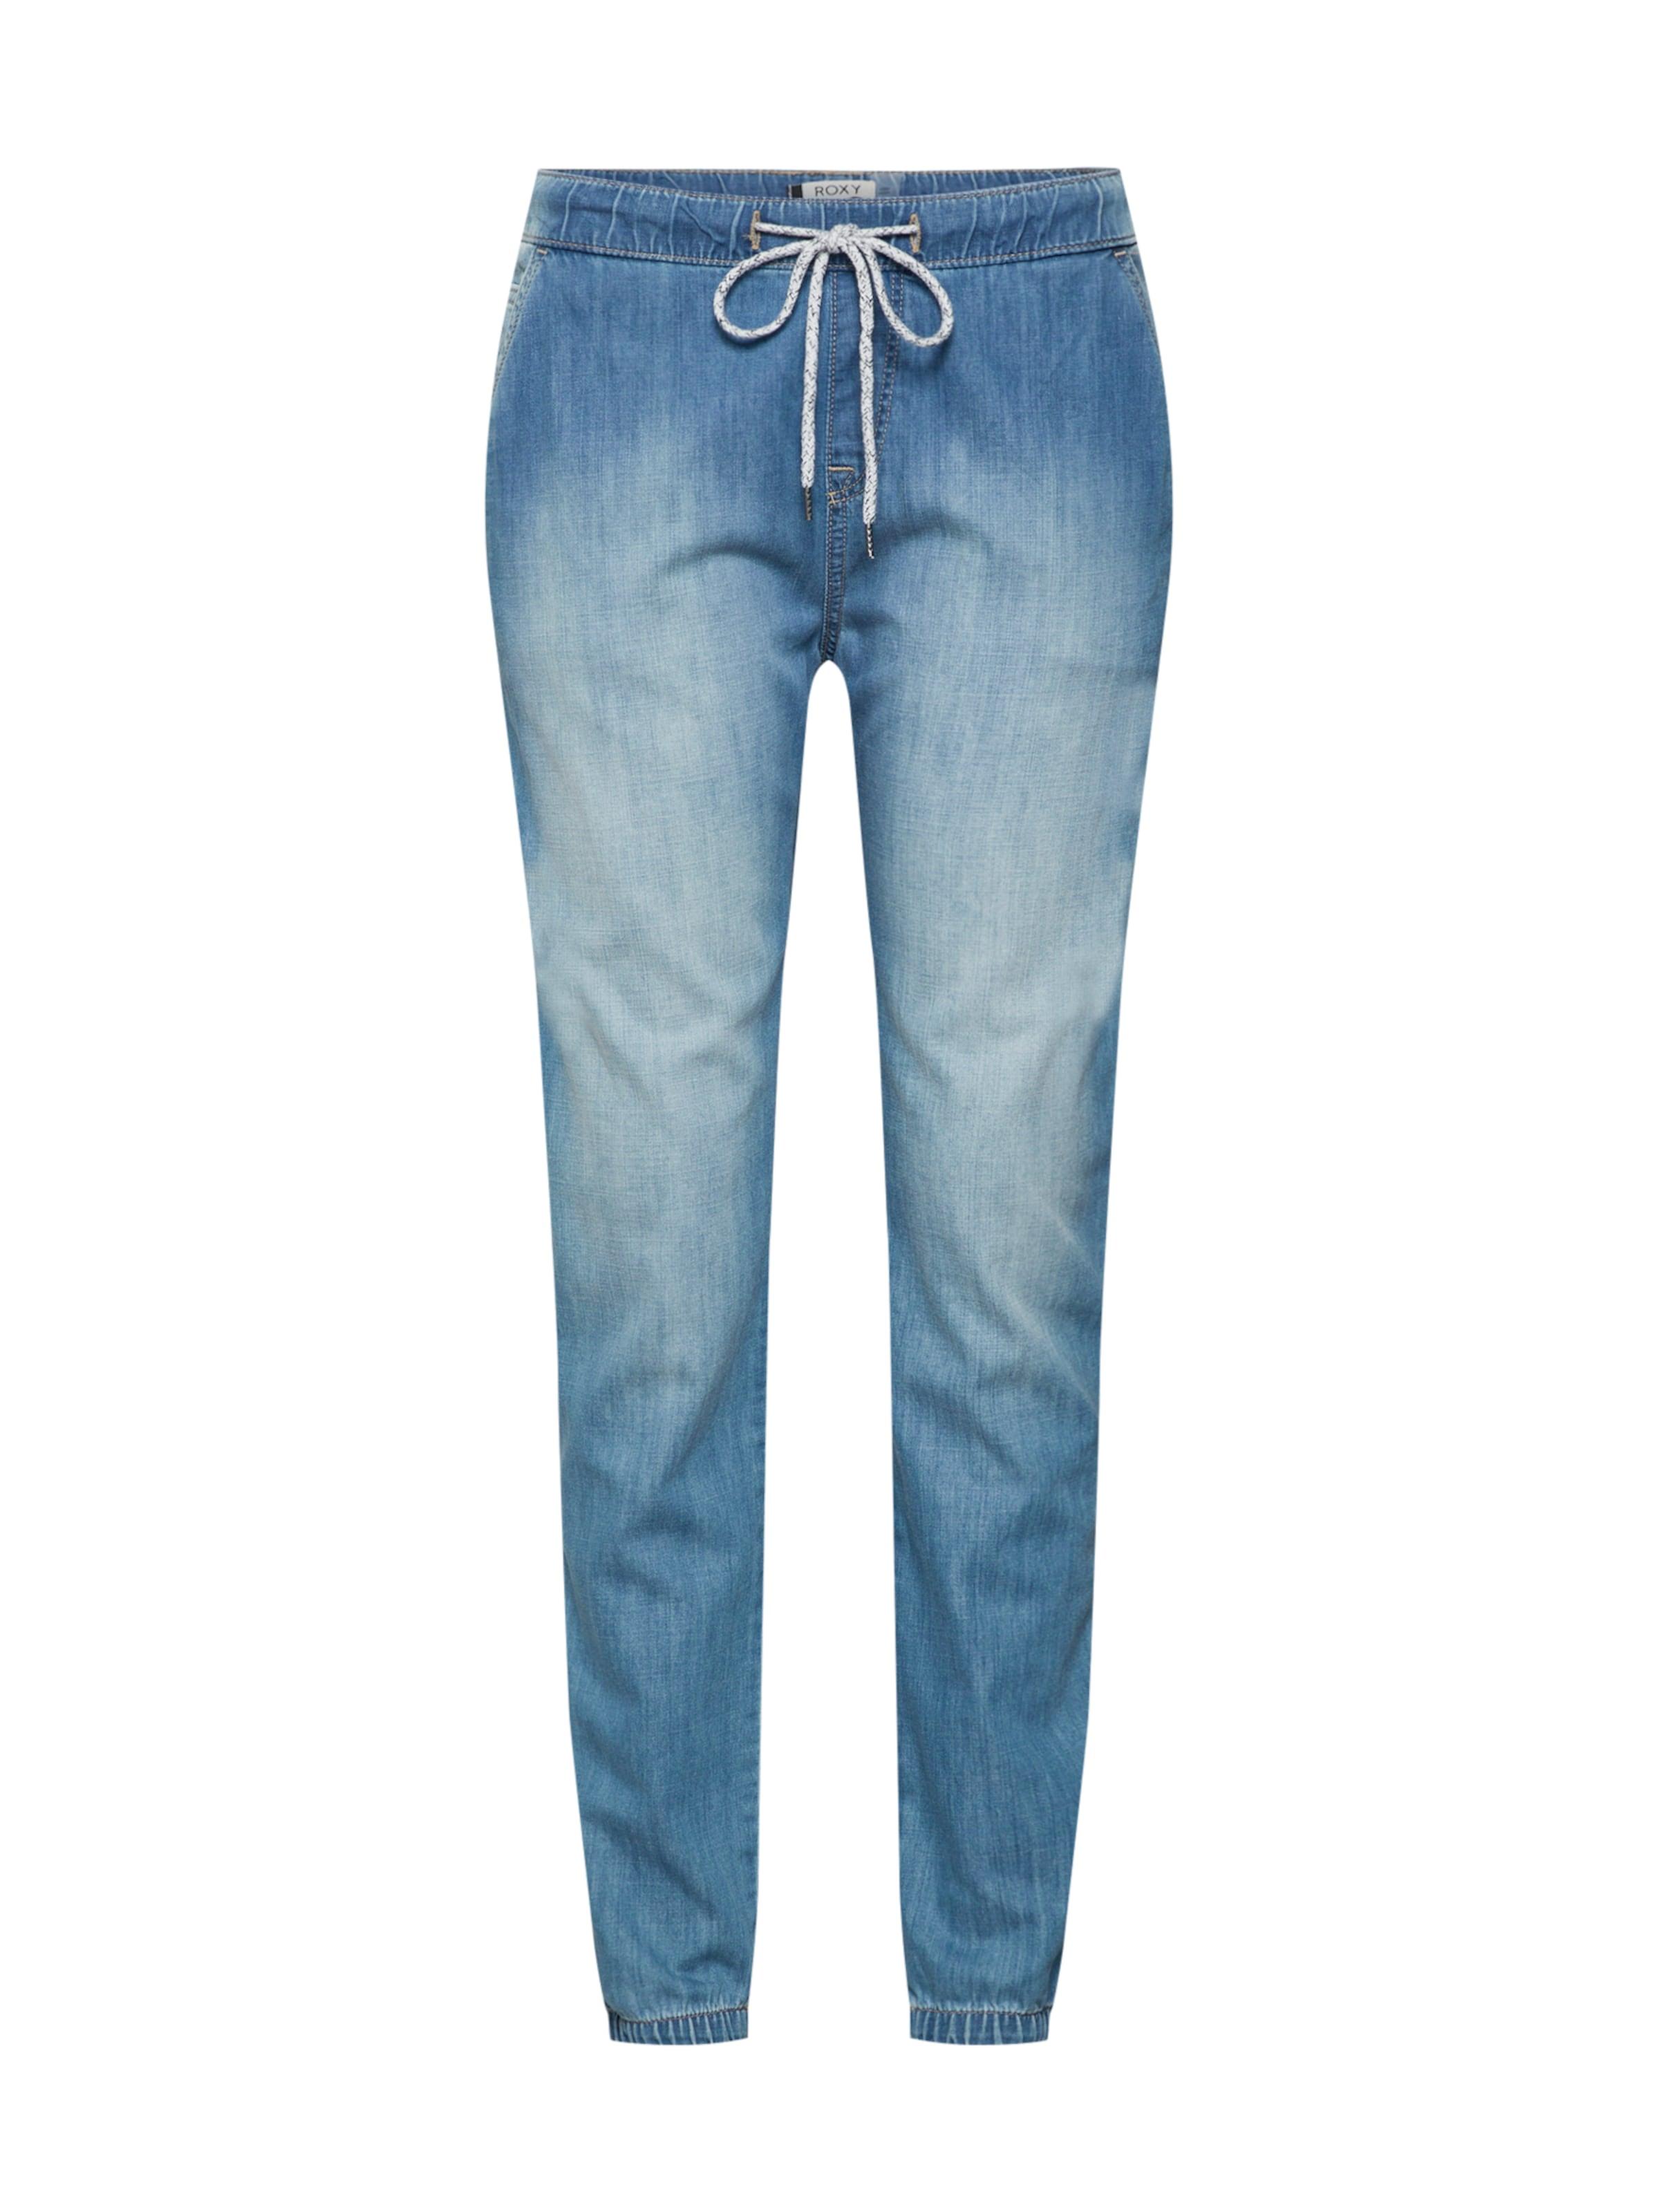 Roxy In Blue 'beachy' Jeans Denim shxtrQdC